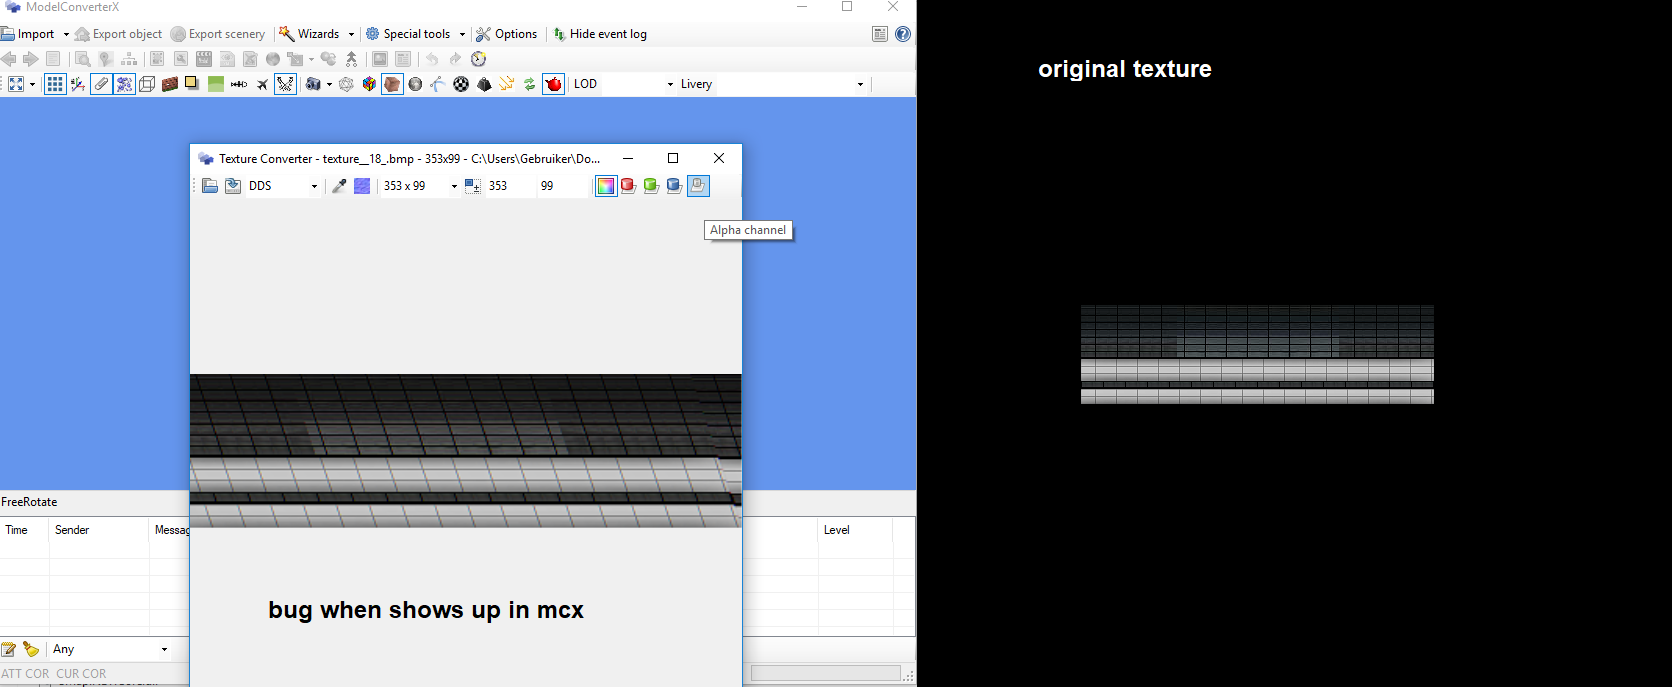 crooked textures in model converter x last development release